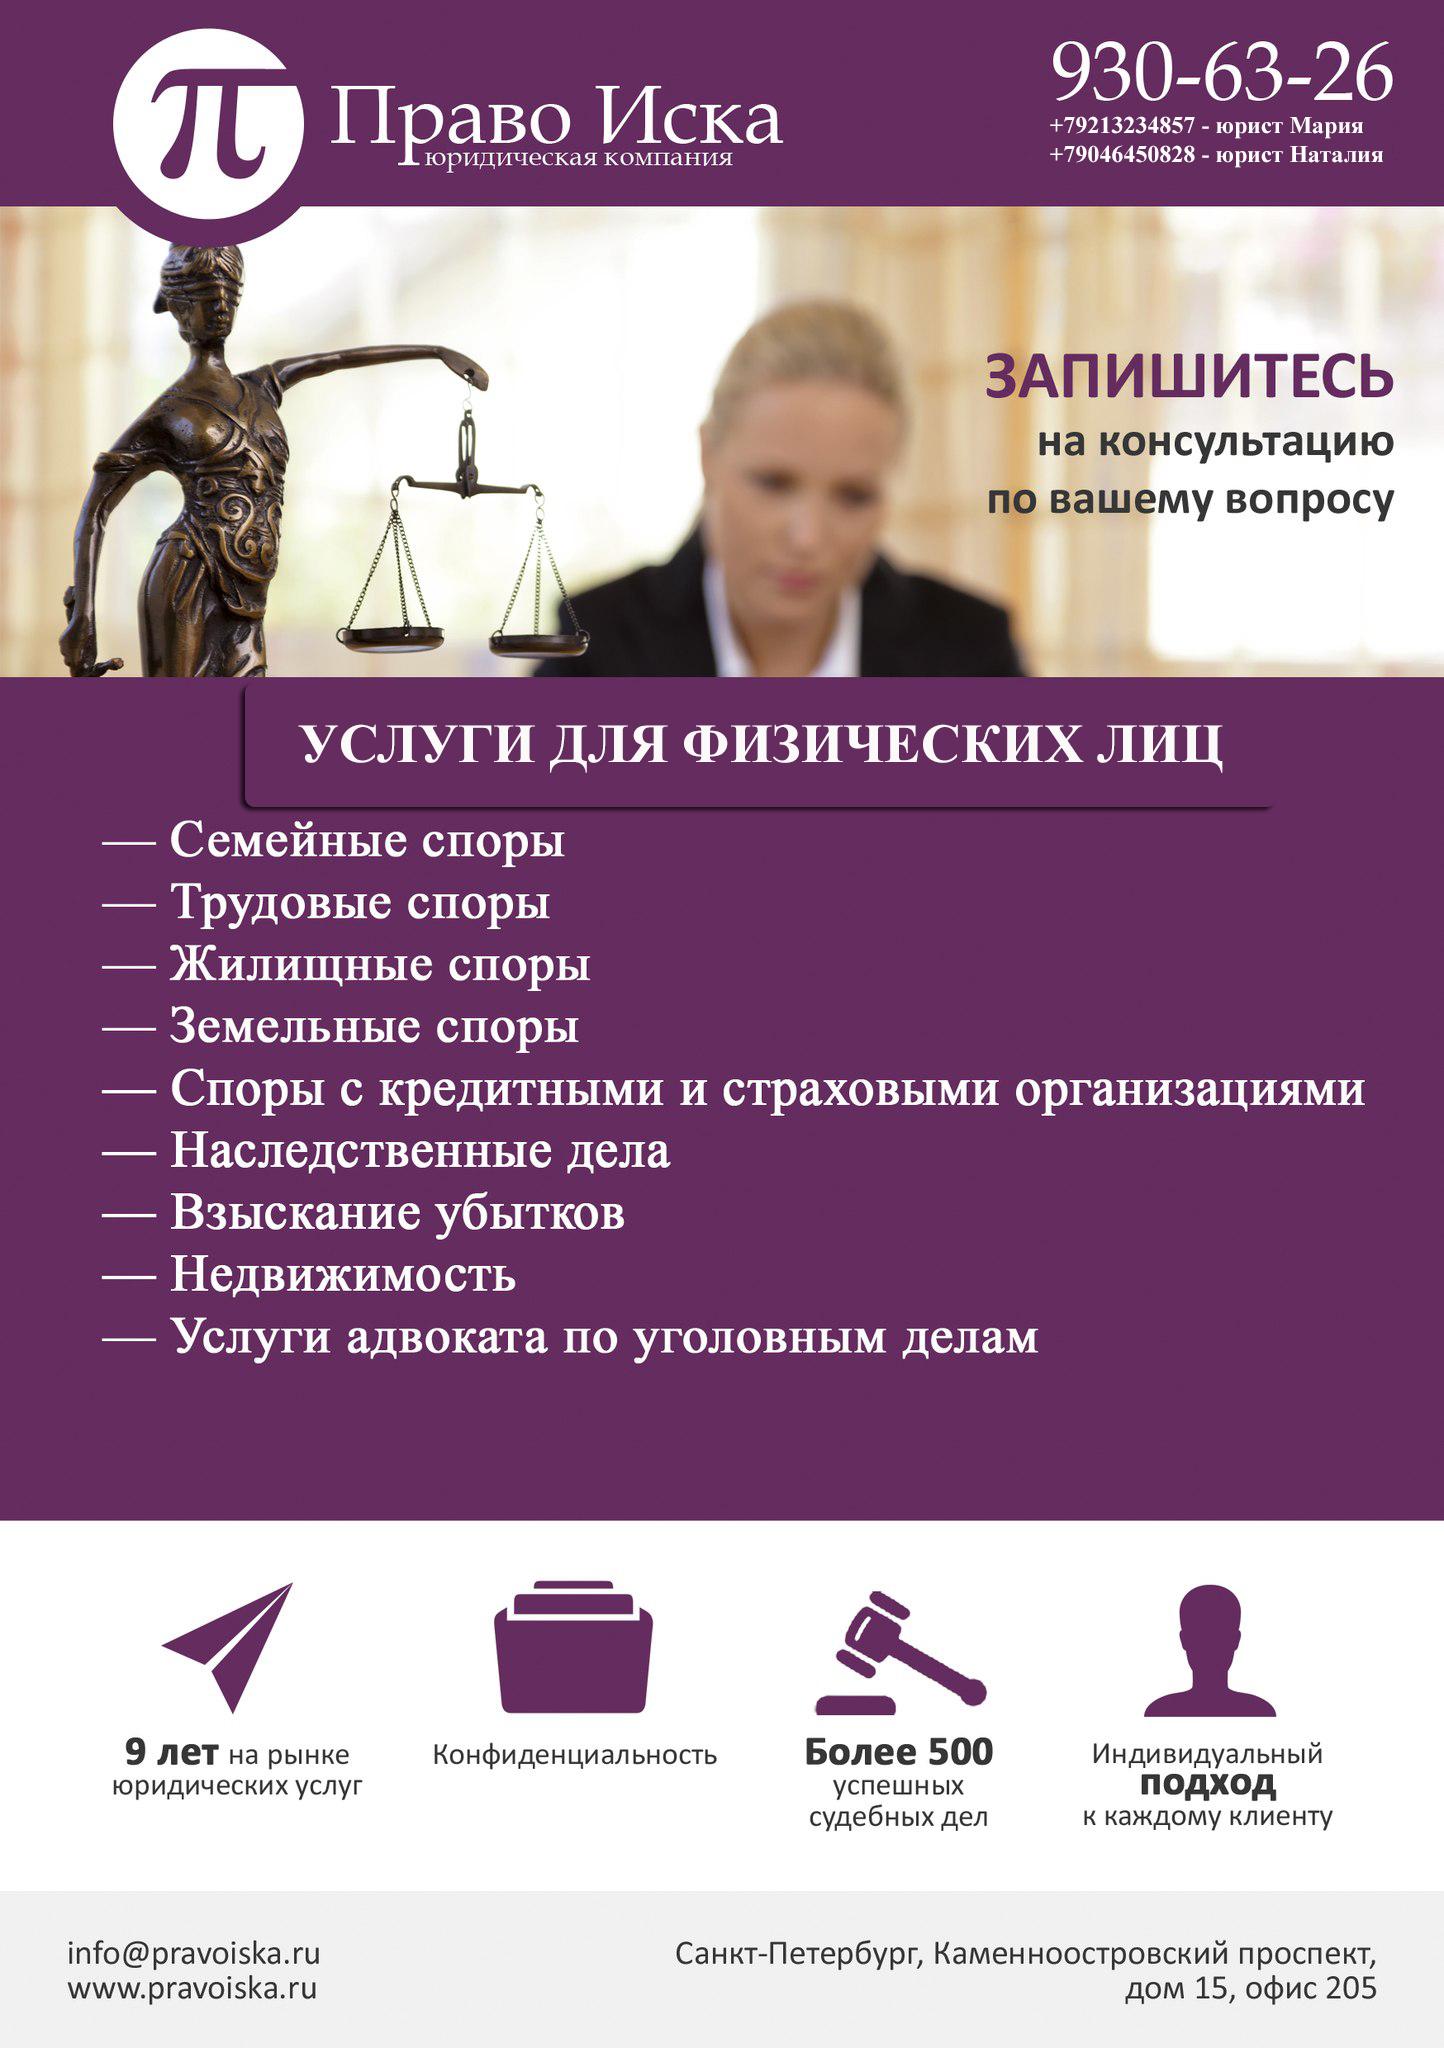 адвокат семейным делам отзывы